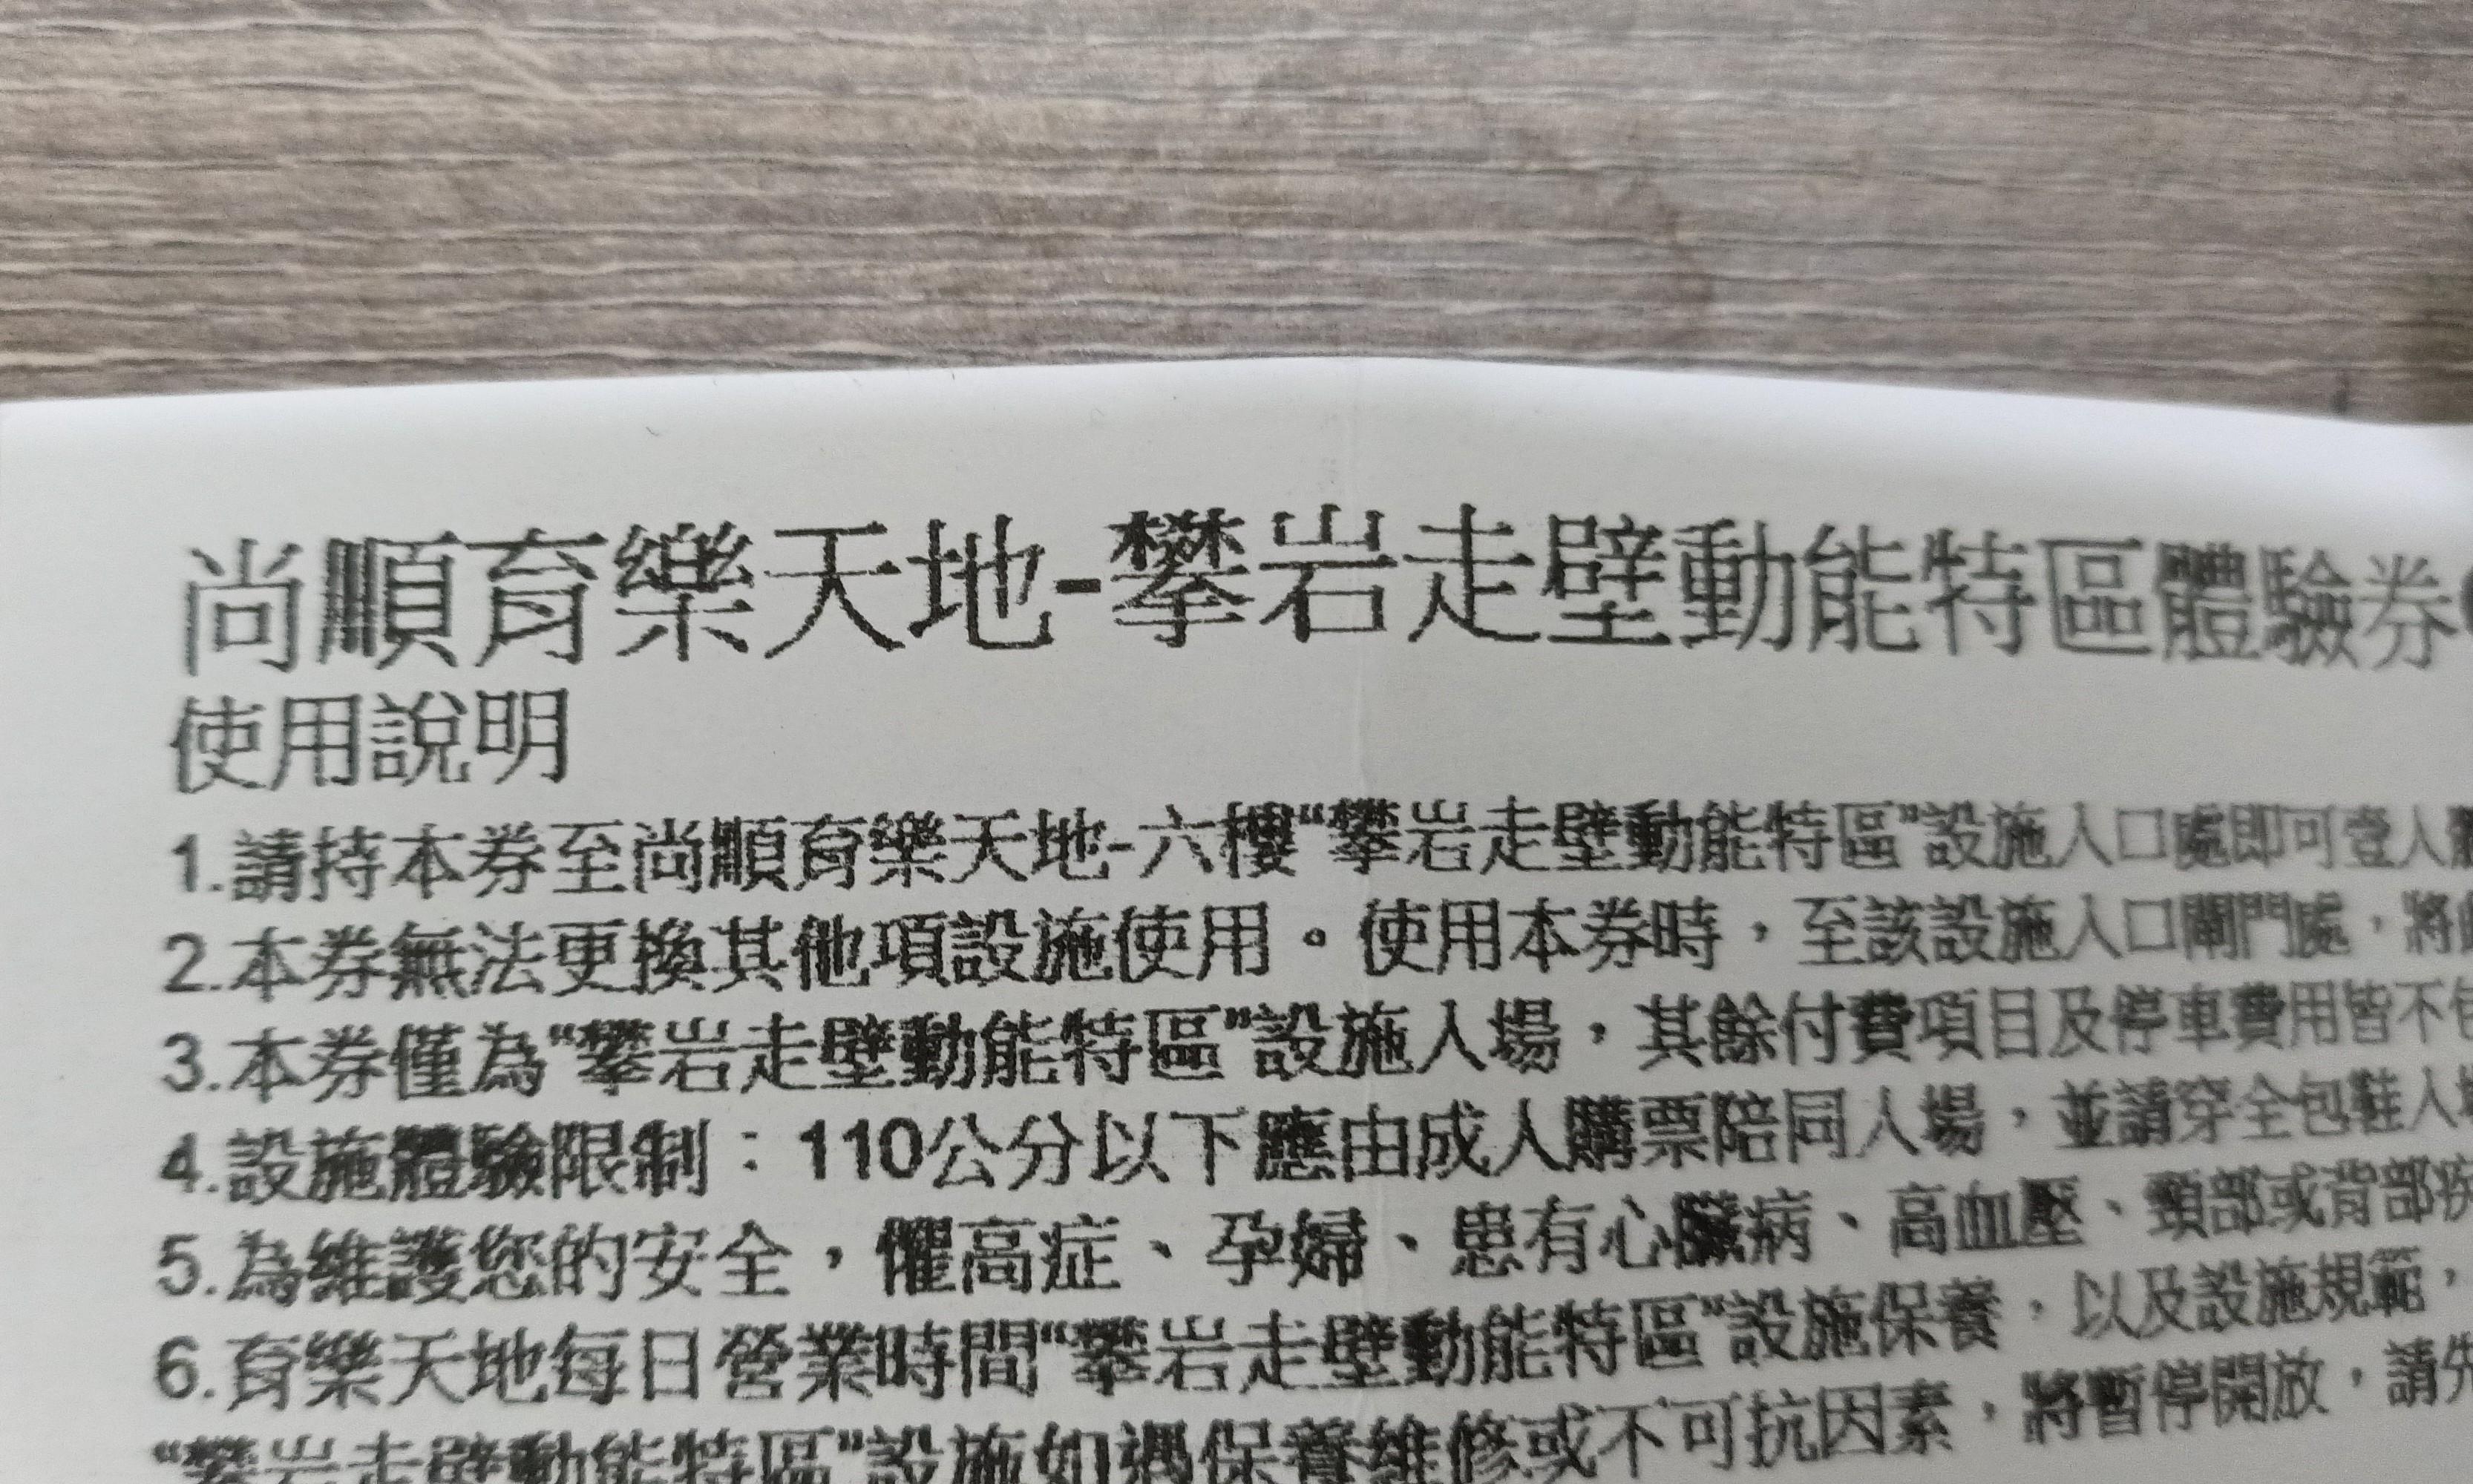 尚順育樂 攀岩走壁體驗券 使用期限110年6月30日